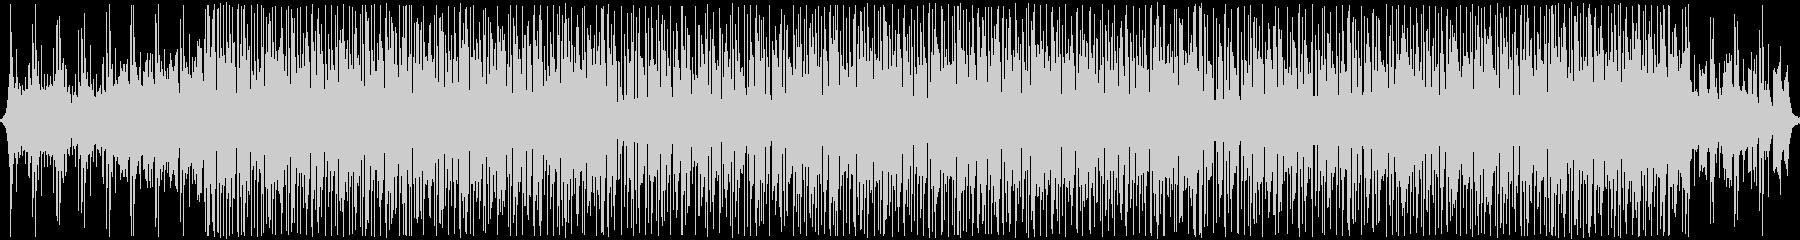 ラウンジ、ヴィンテージ。 80年代の歌。の未再生の波形